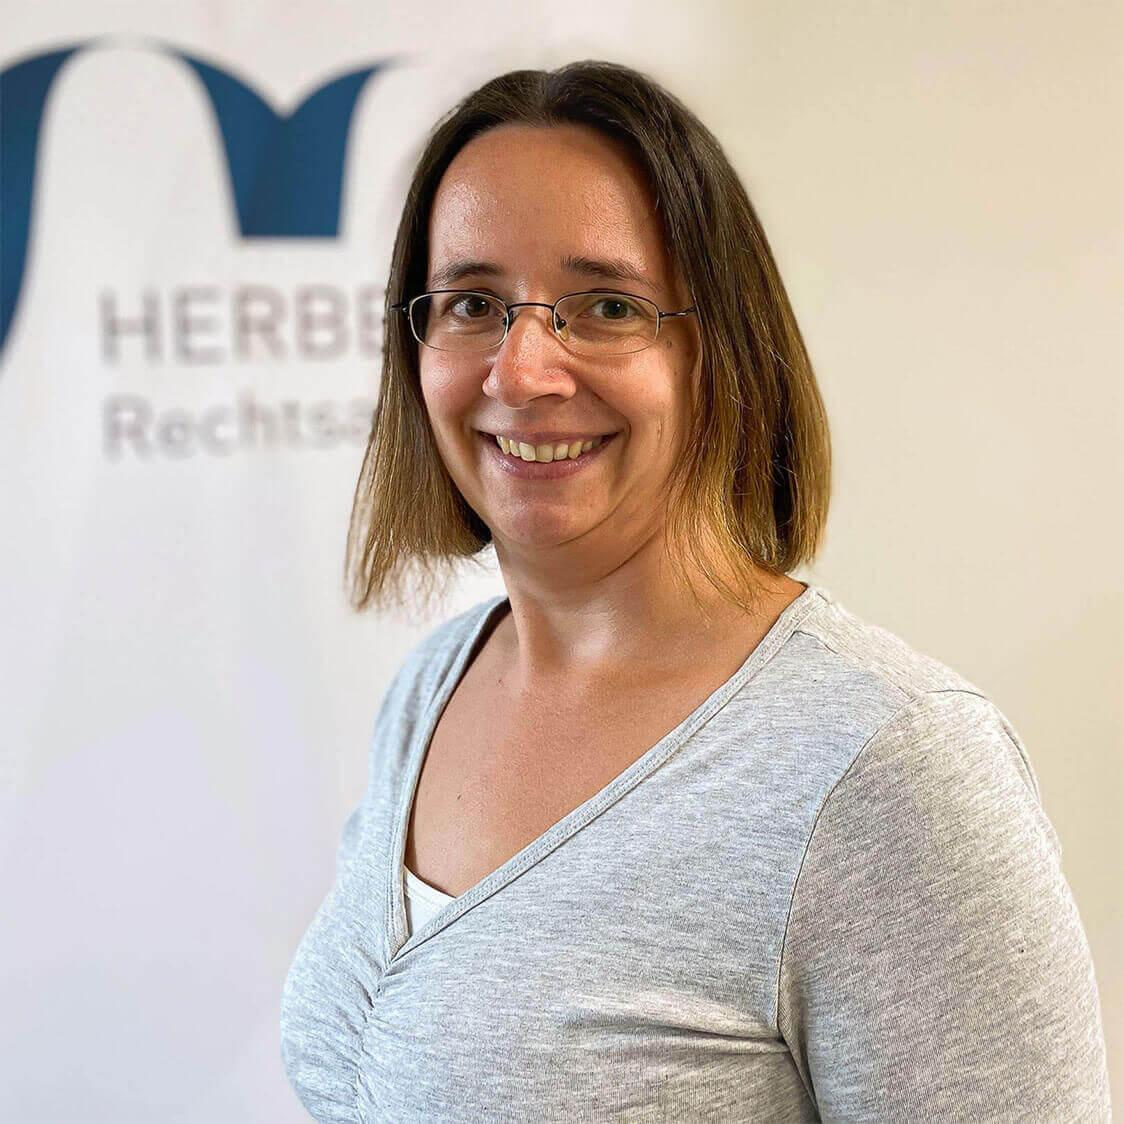 Melanie Schmitt - Lohn- und Finanzbuchhalterin - Herbert Rechtsanwälte Saarbrücken